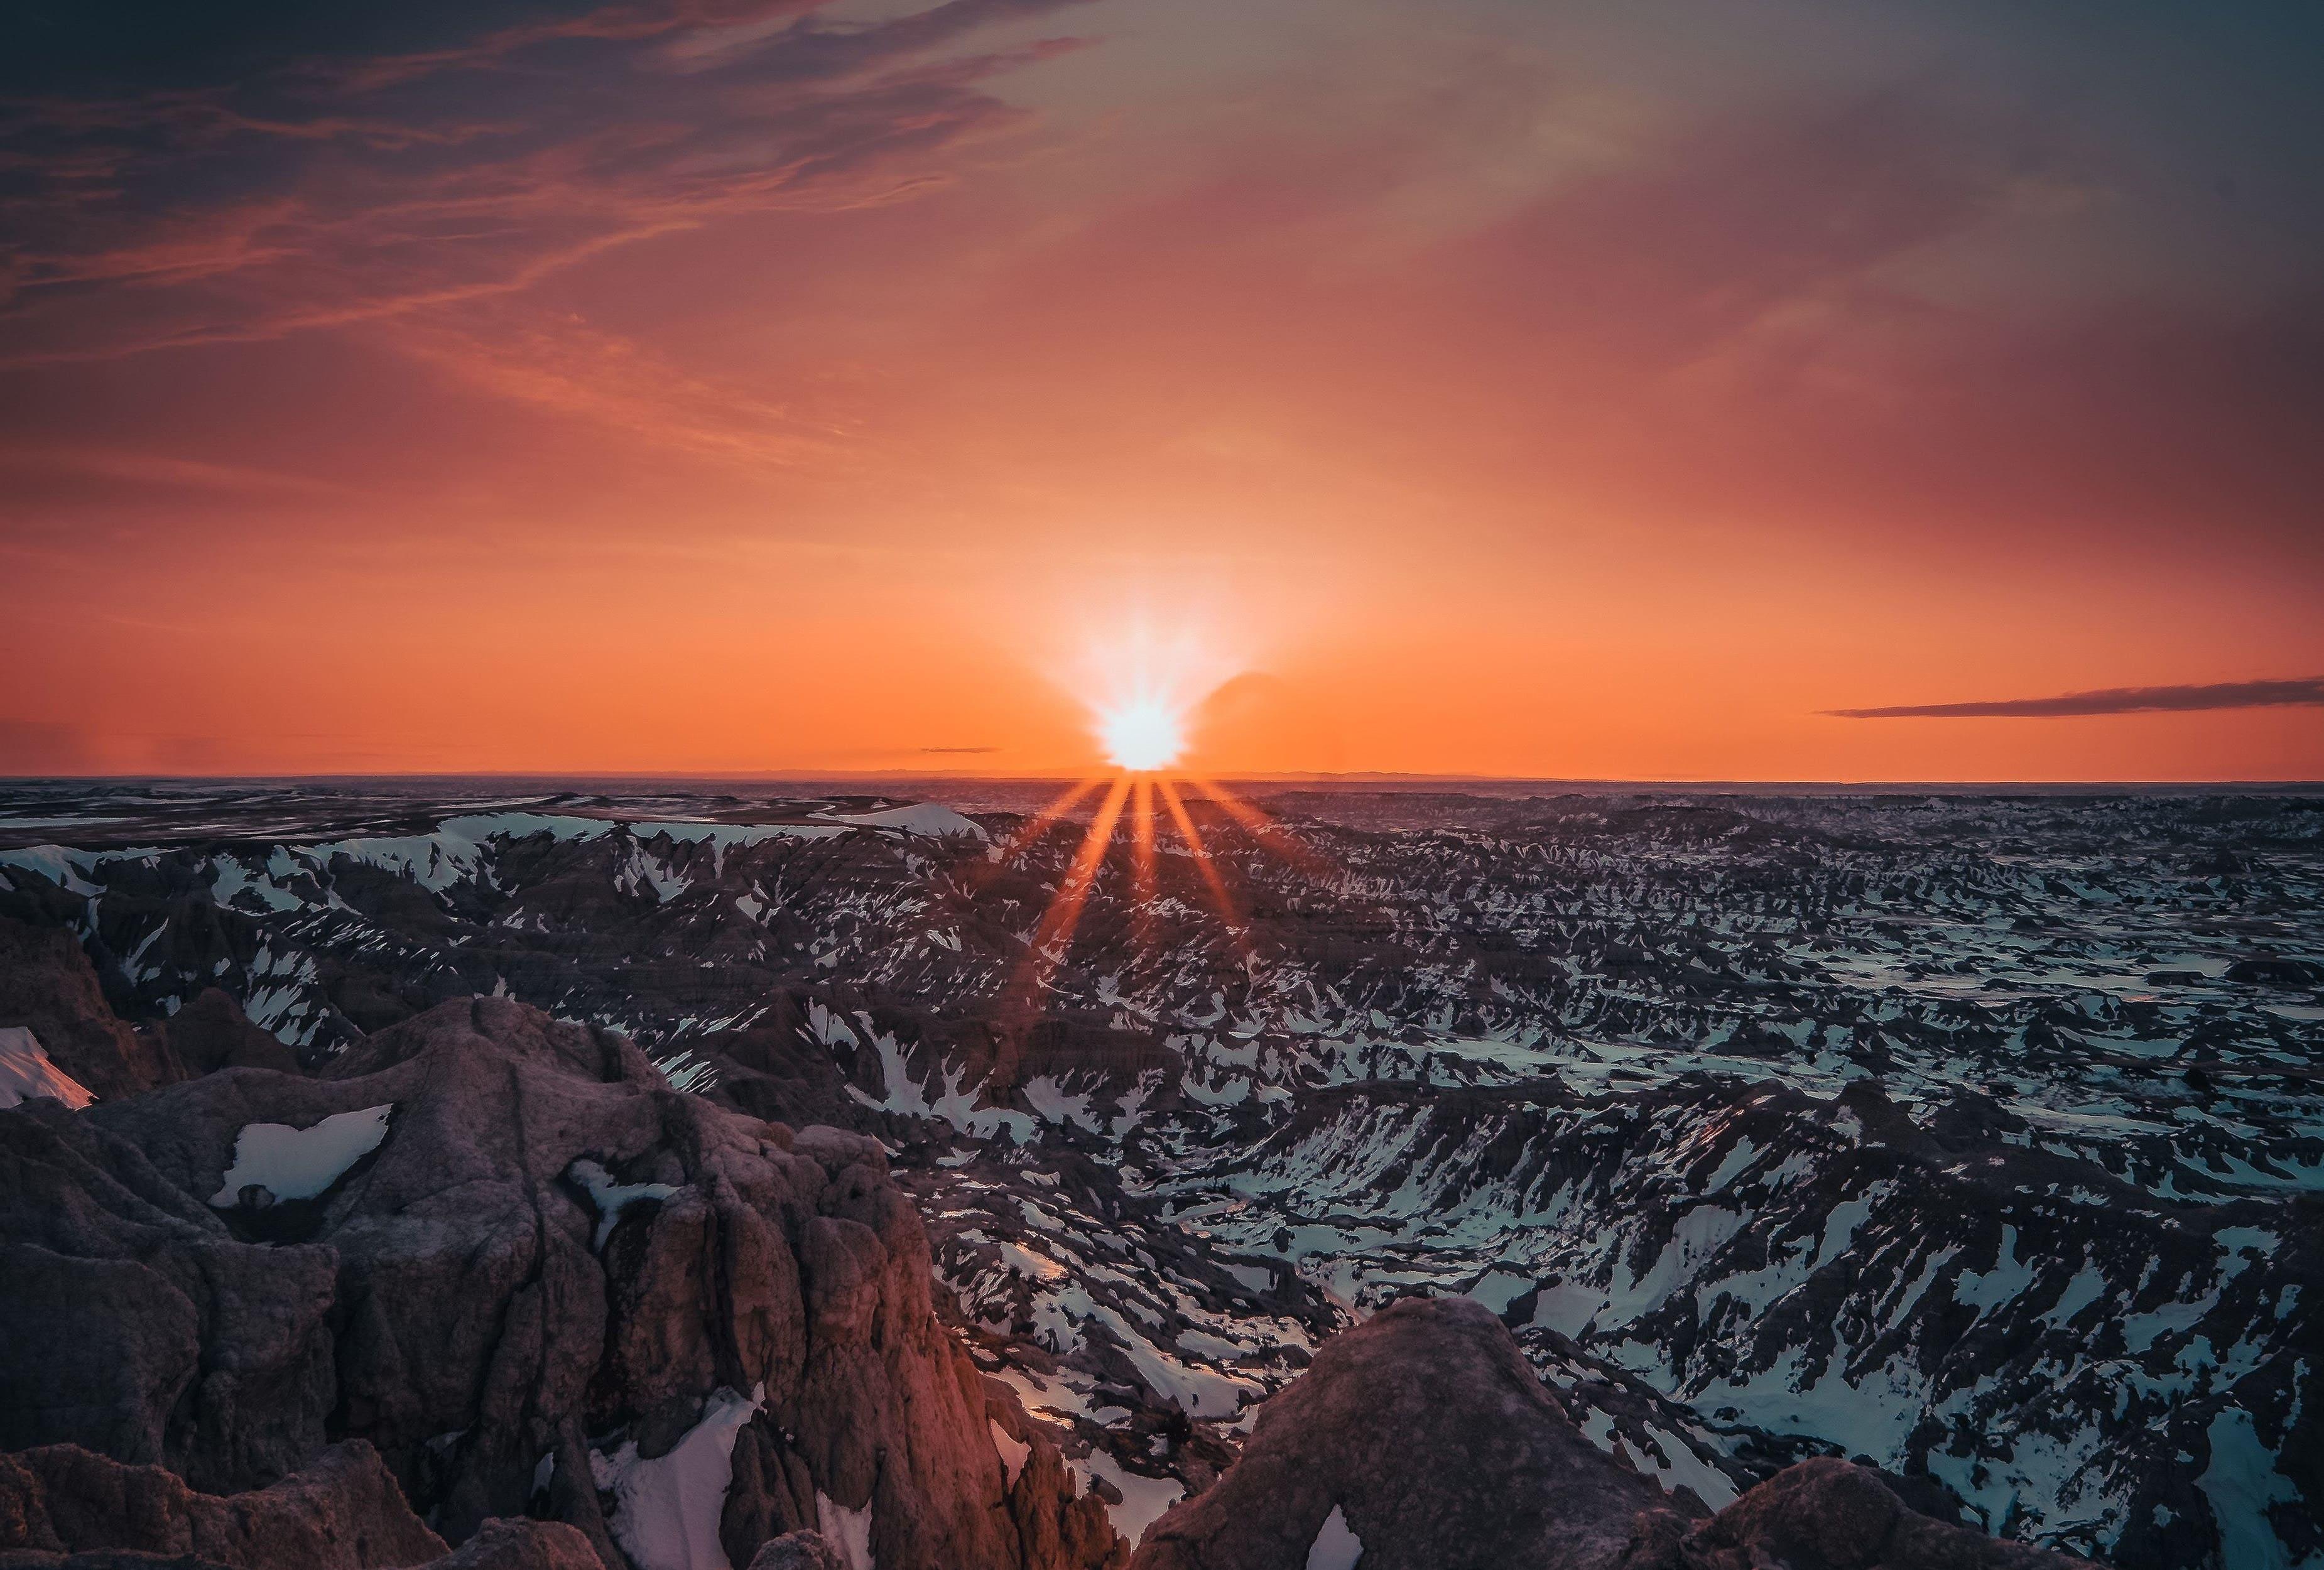 Красный закат солнца в горах, 3700 на 2500 пикселей